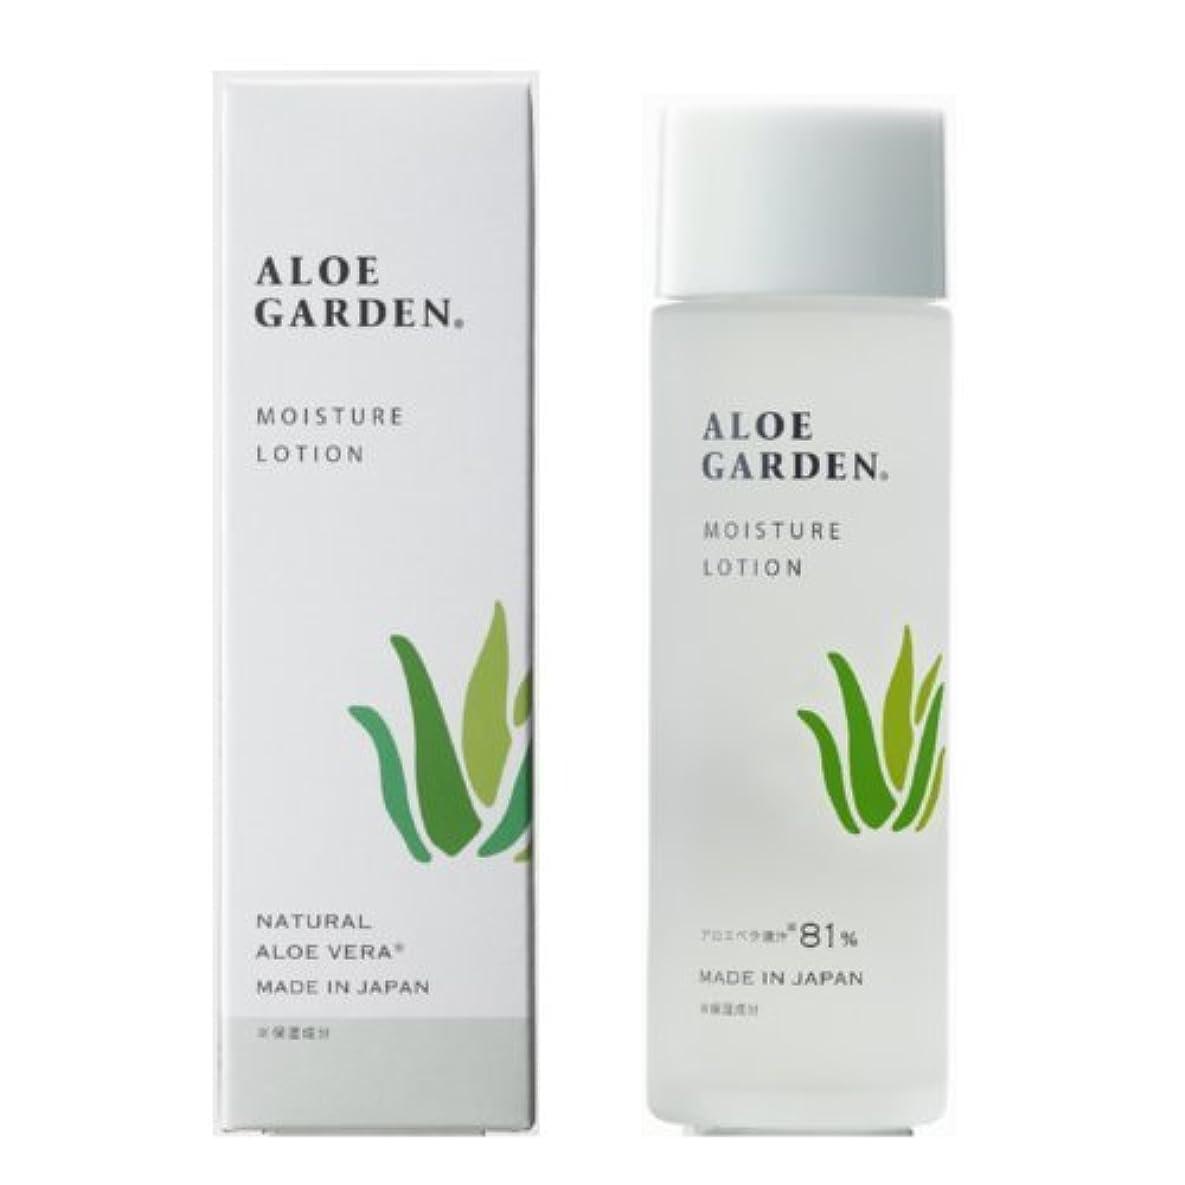 完璧シガレット後ろに【アロエ化粧水】アロエガーデン 化粧水 アロエベラ液汁※ 81%配合 100mL ※保湿成分